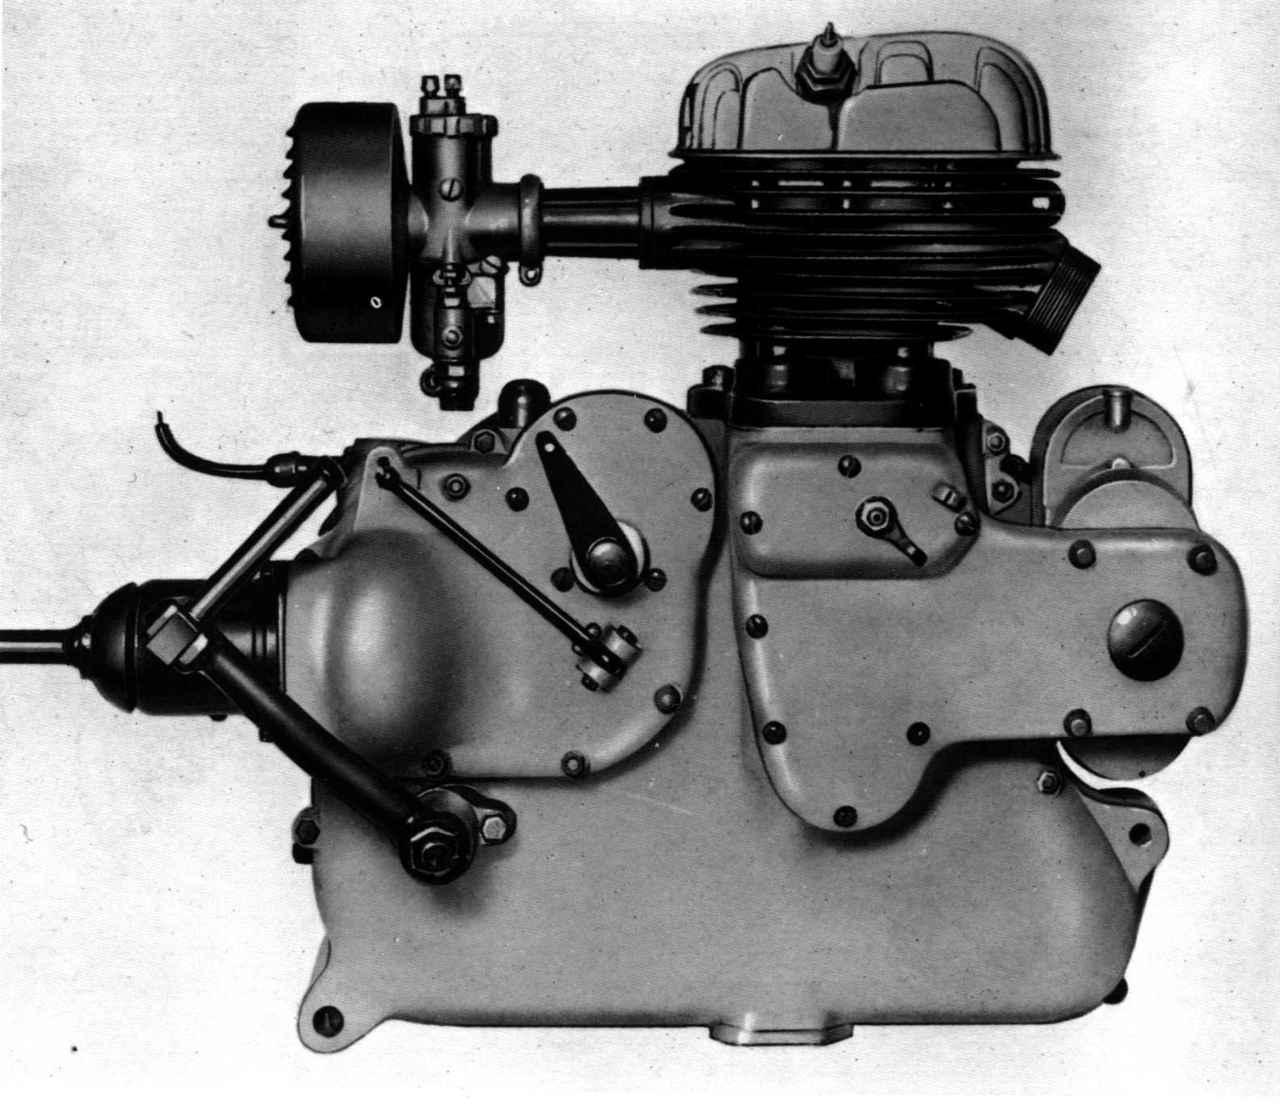 画像: マルテの498ccサイドバルブ単気筒は500LTEをベースに作られましたが、ギアボックス側が大幅に仕様変更を受けており、駆動がシャフトドライブになっています。最高出力は14hp/4,800rpmでした。 press.piaggiogroup.com